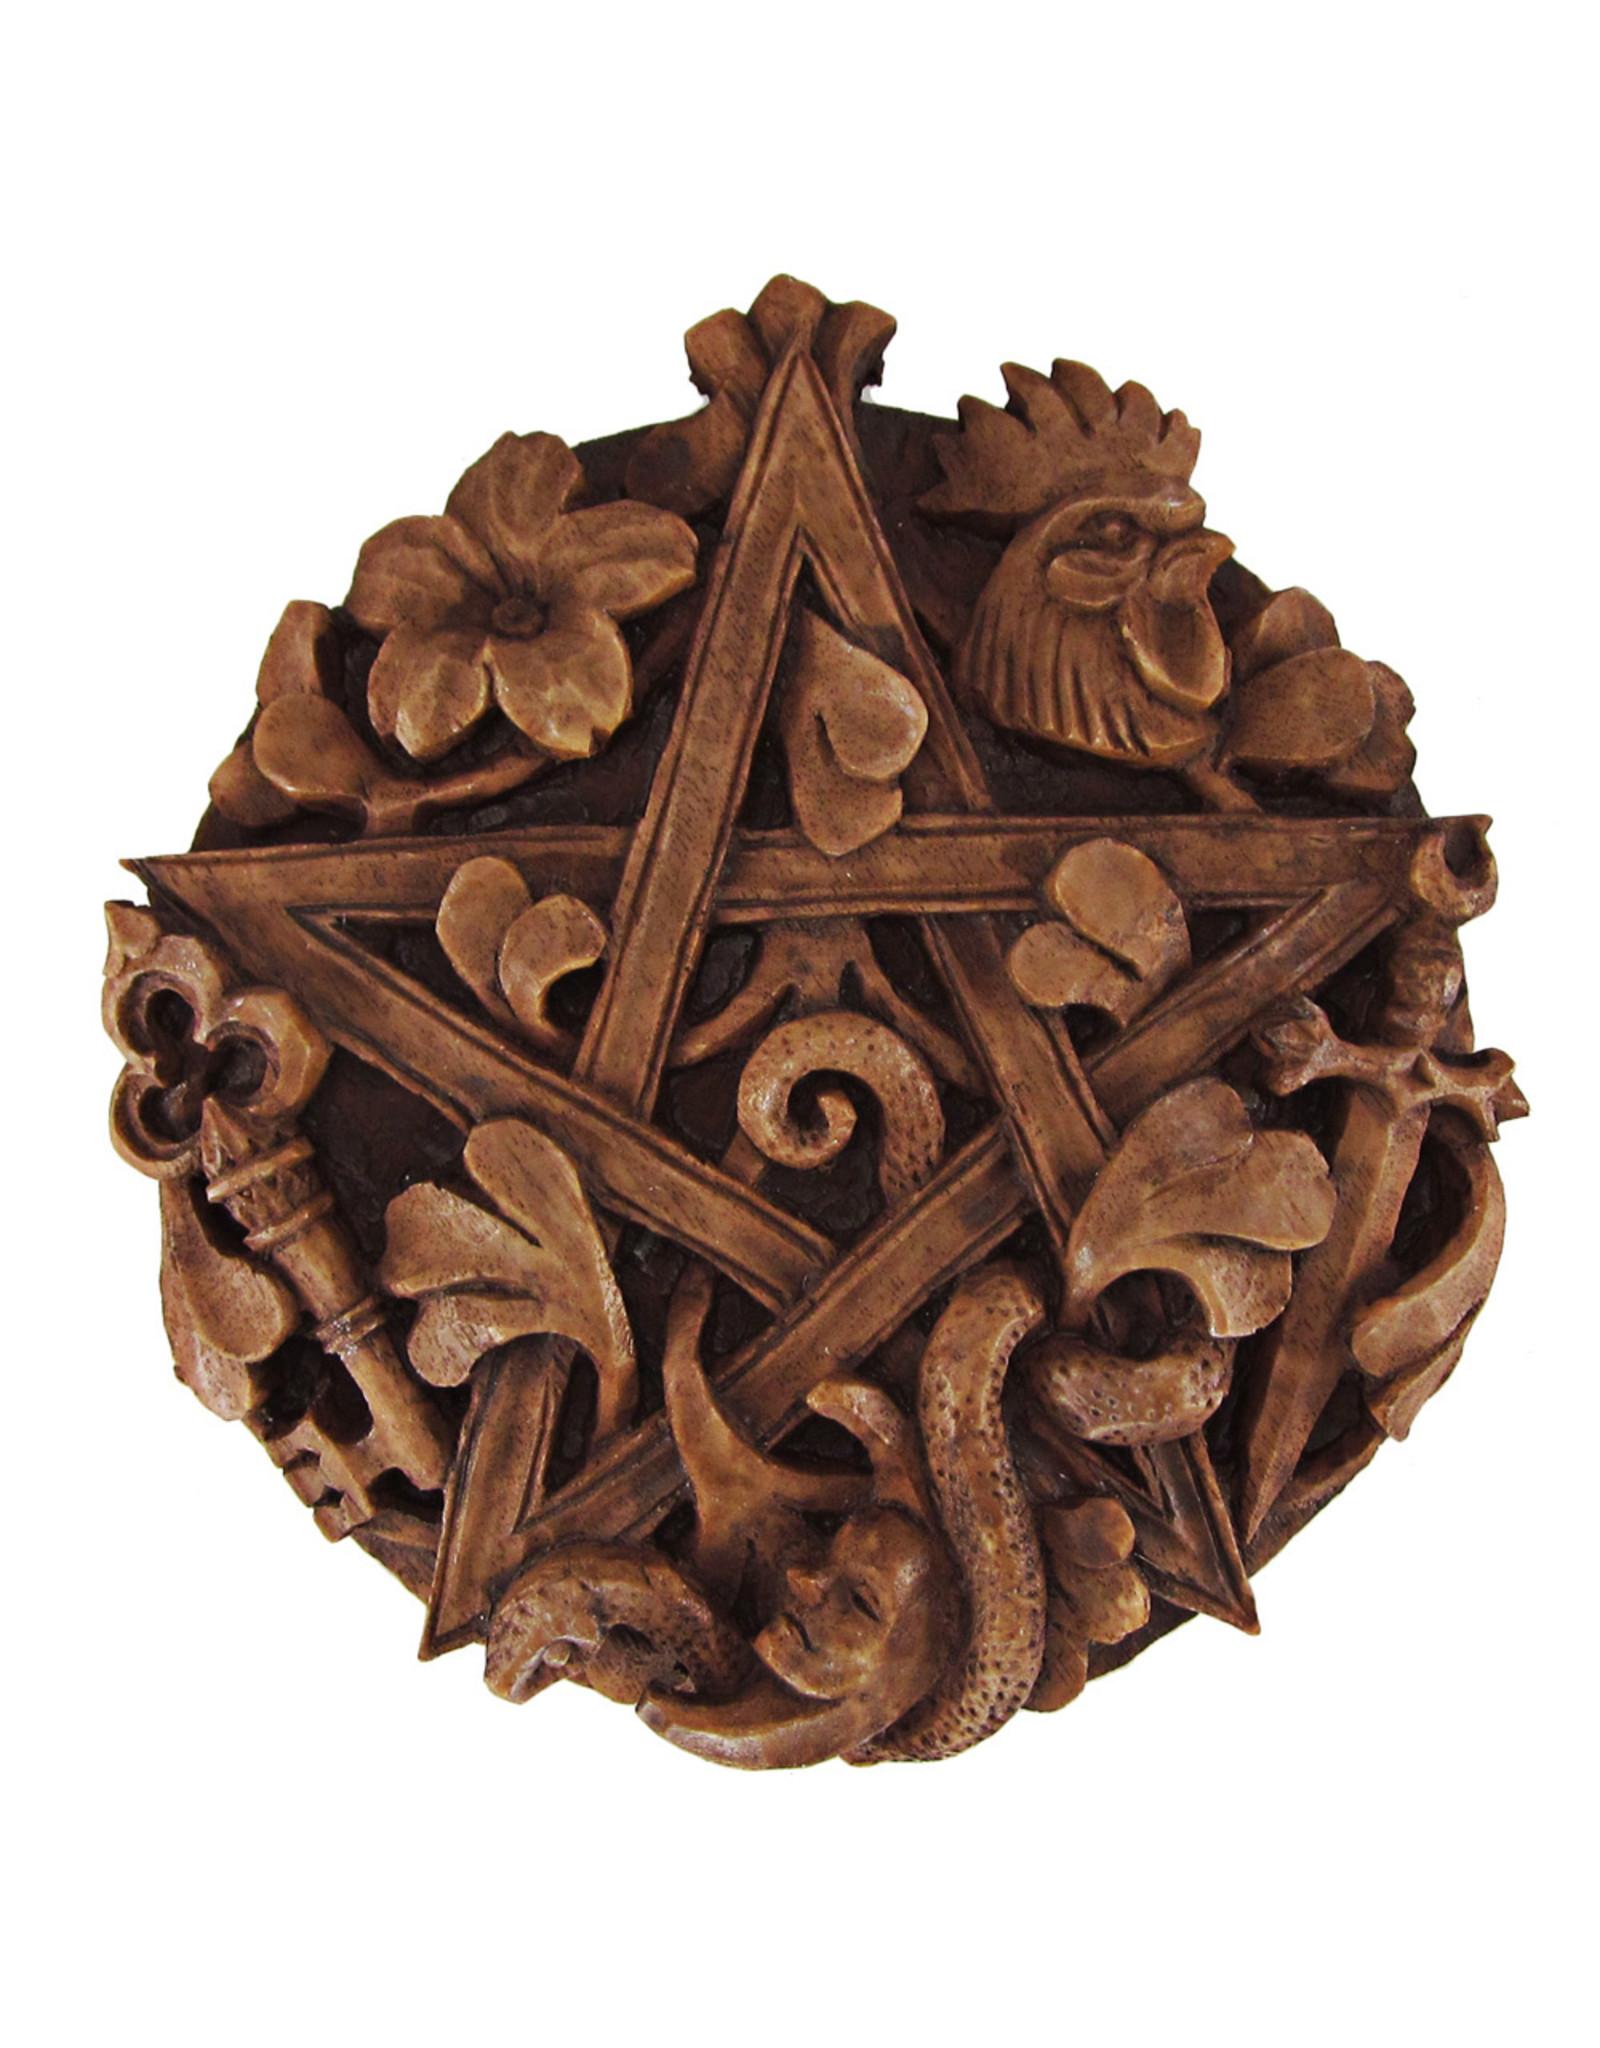 Cimaruta Pentacle Plaque in Wood Finish